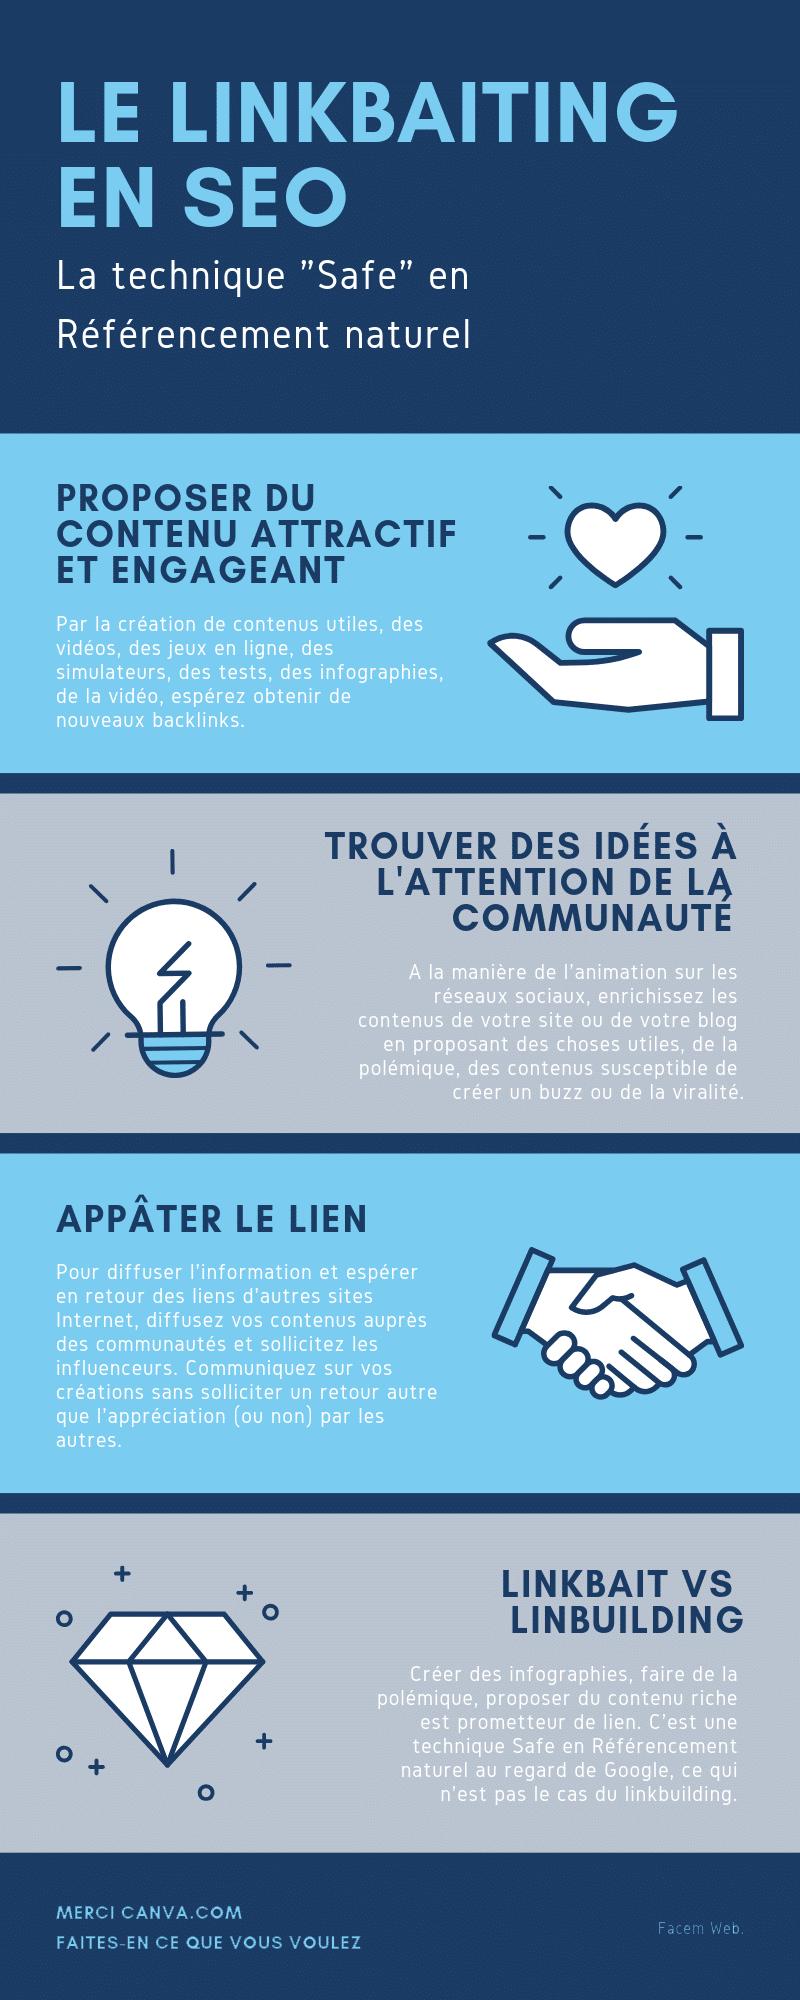 infographie du linkbait en SEO